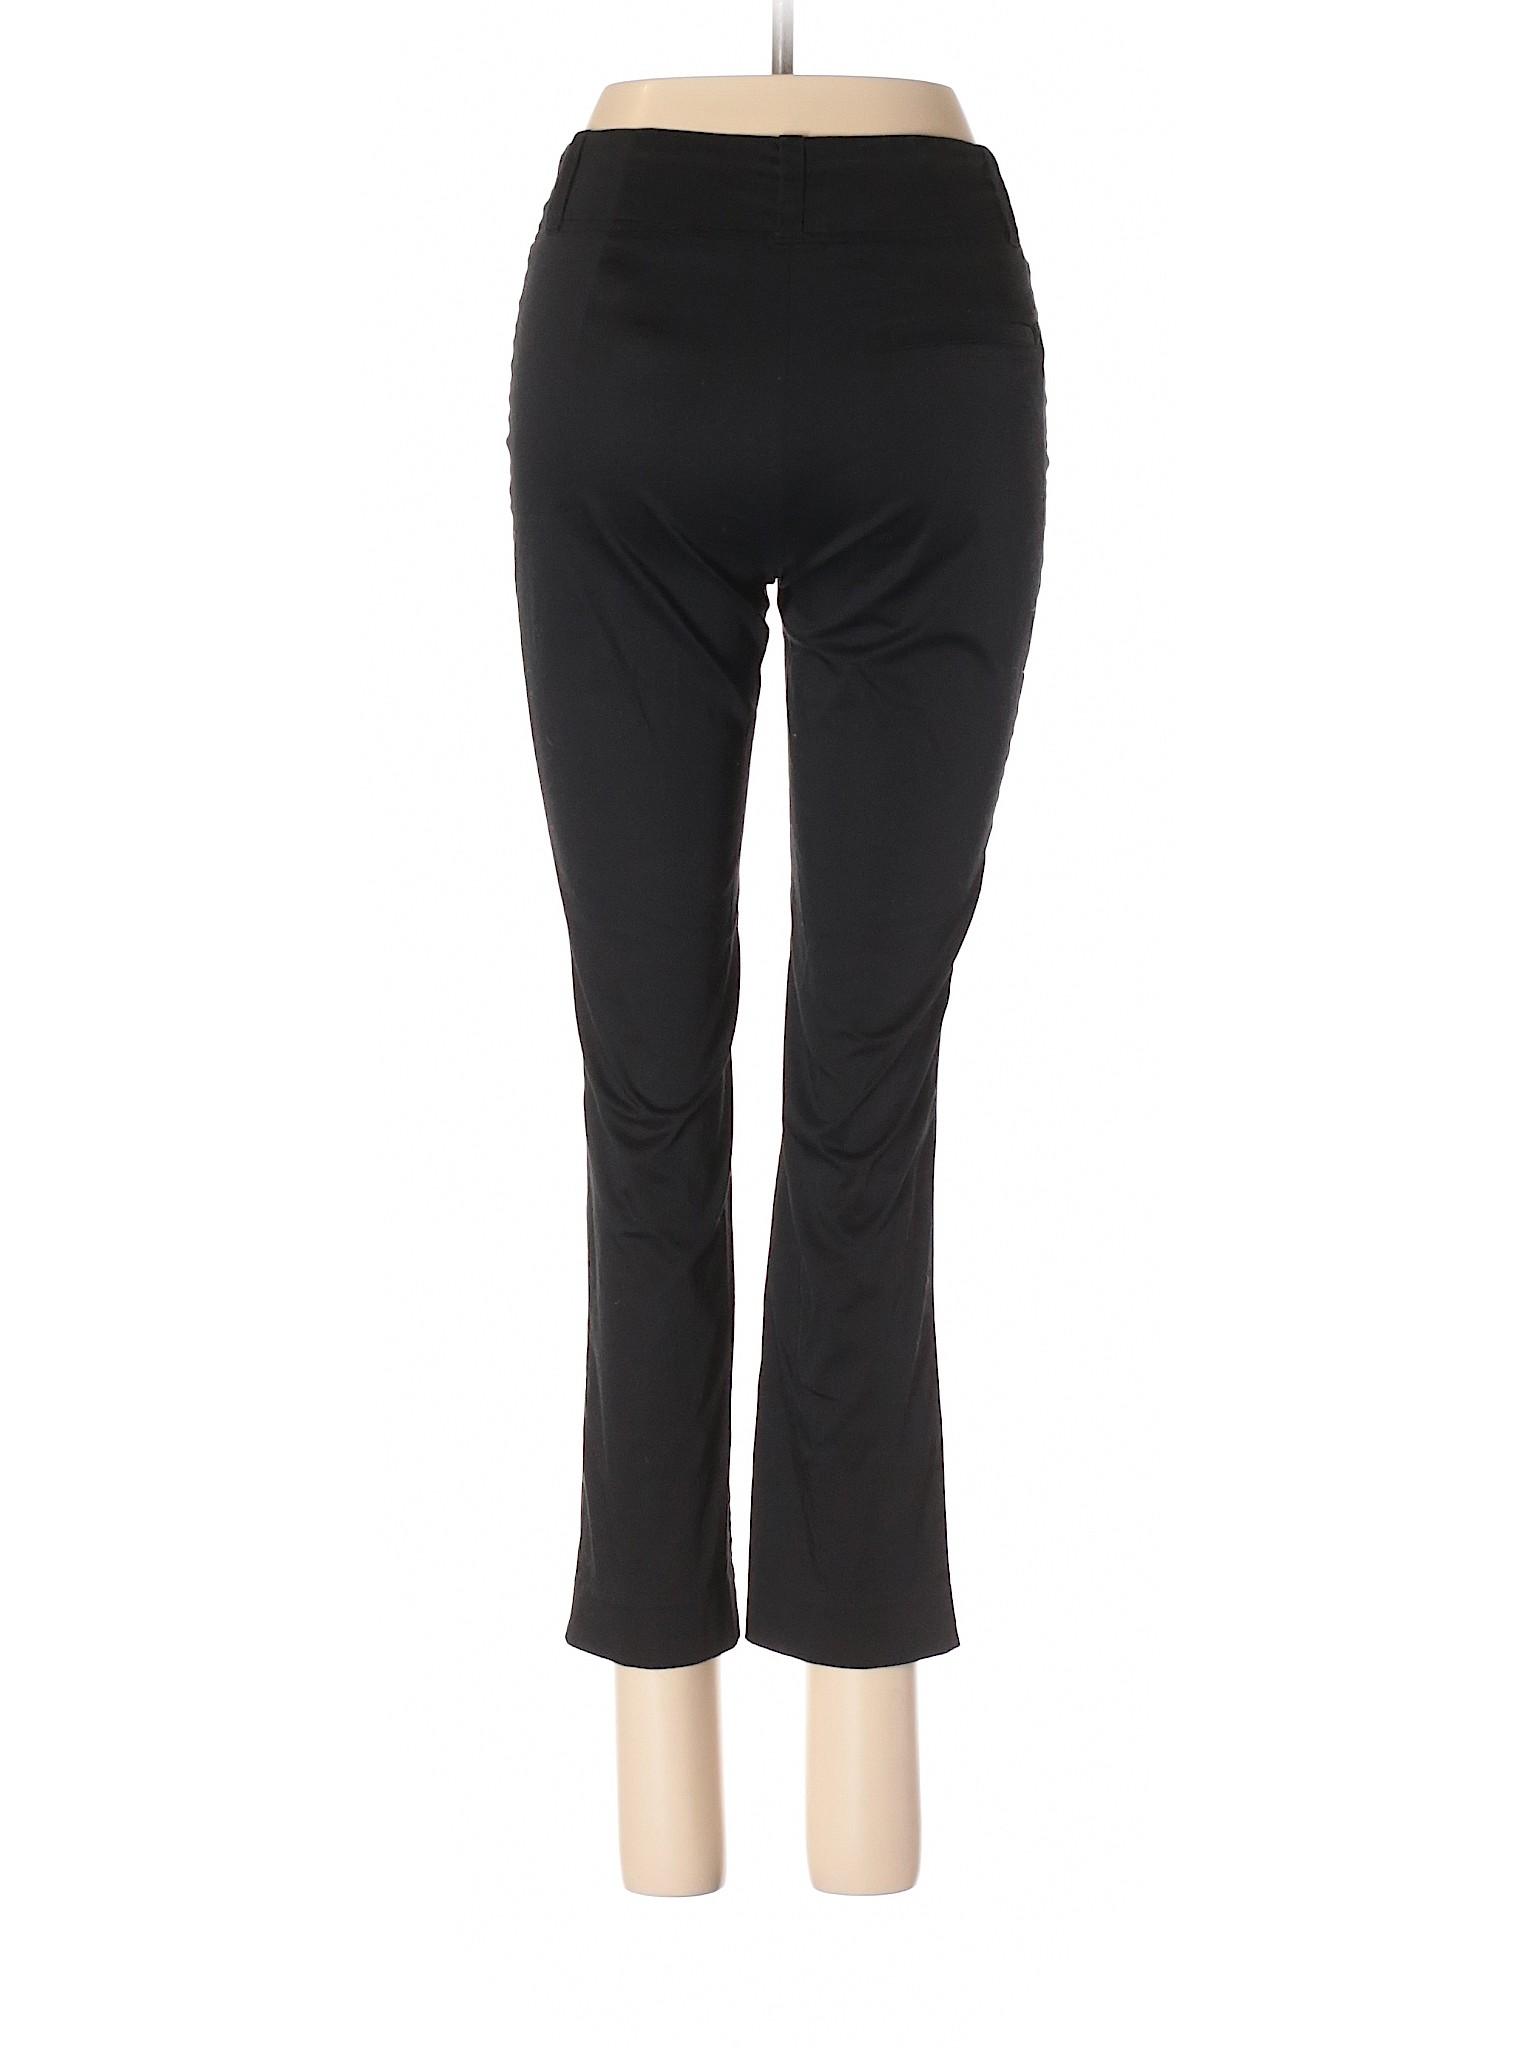 amp;M winter Pants Boutique H Dress ExqnOOHBw